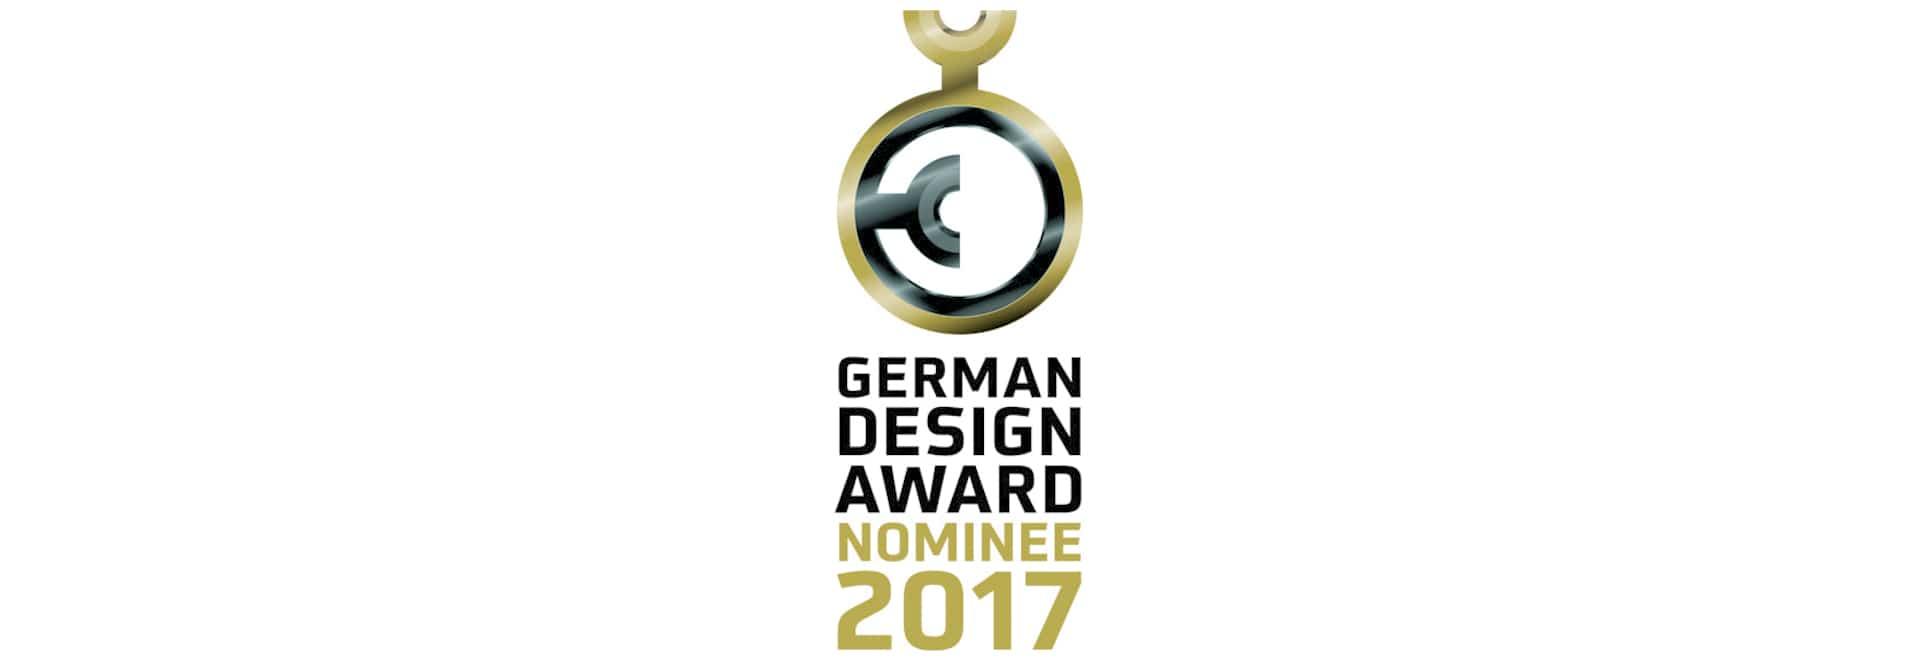 Nombrado tres veces para el premio alemán 2017 del diseño